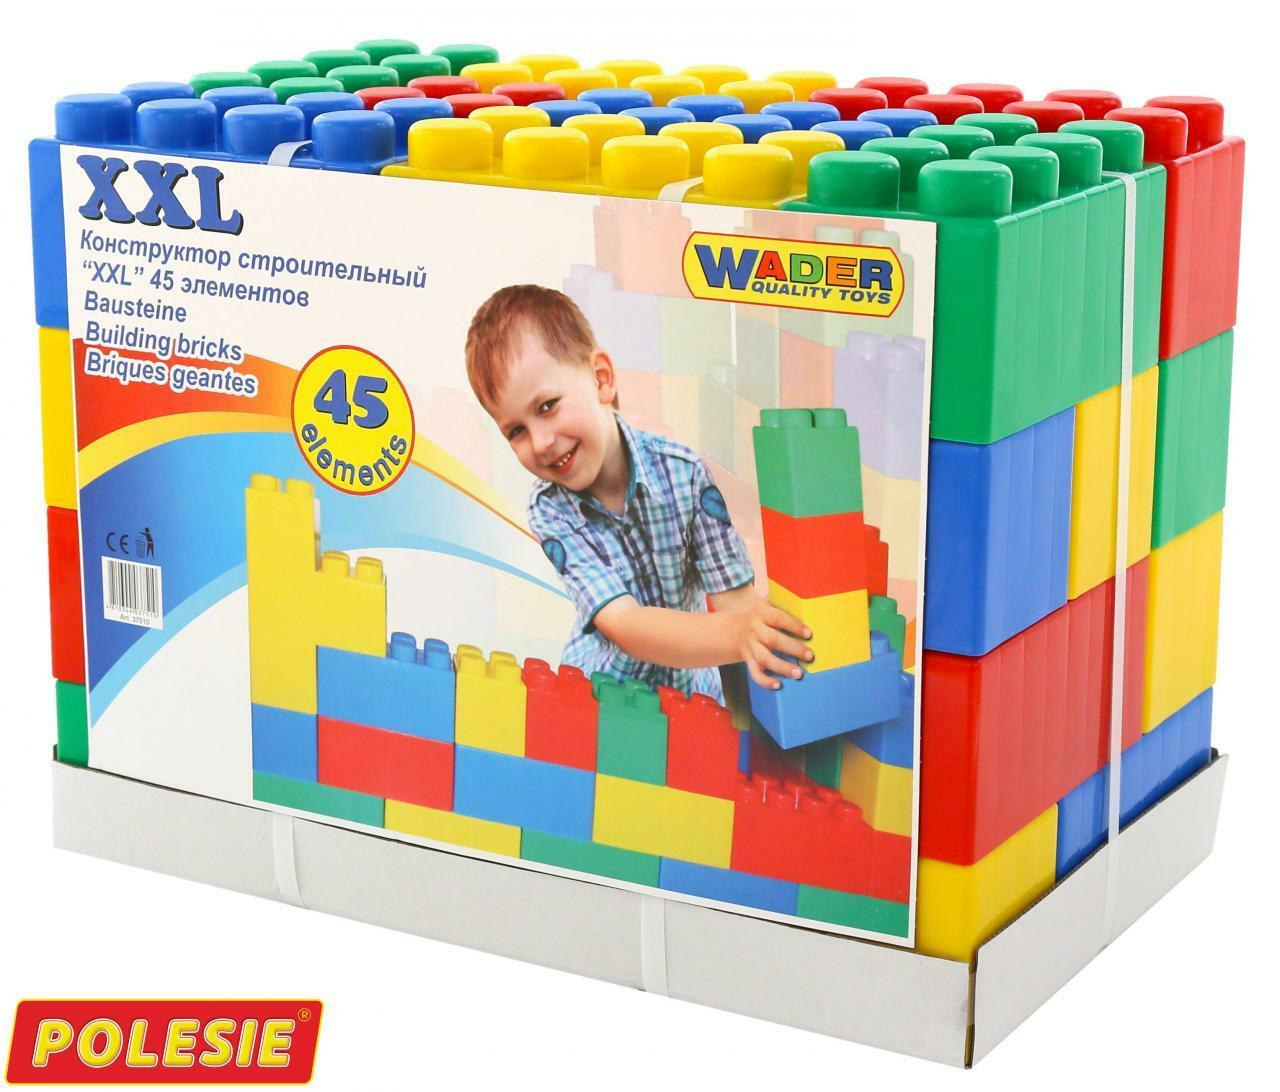 Wader Blocs De De De Construction Bloc De Construction Bloc Jeux de construction géants XXL 24 36 45 72 134 pièces NEUF 060e1b